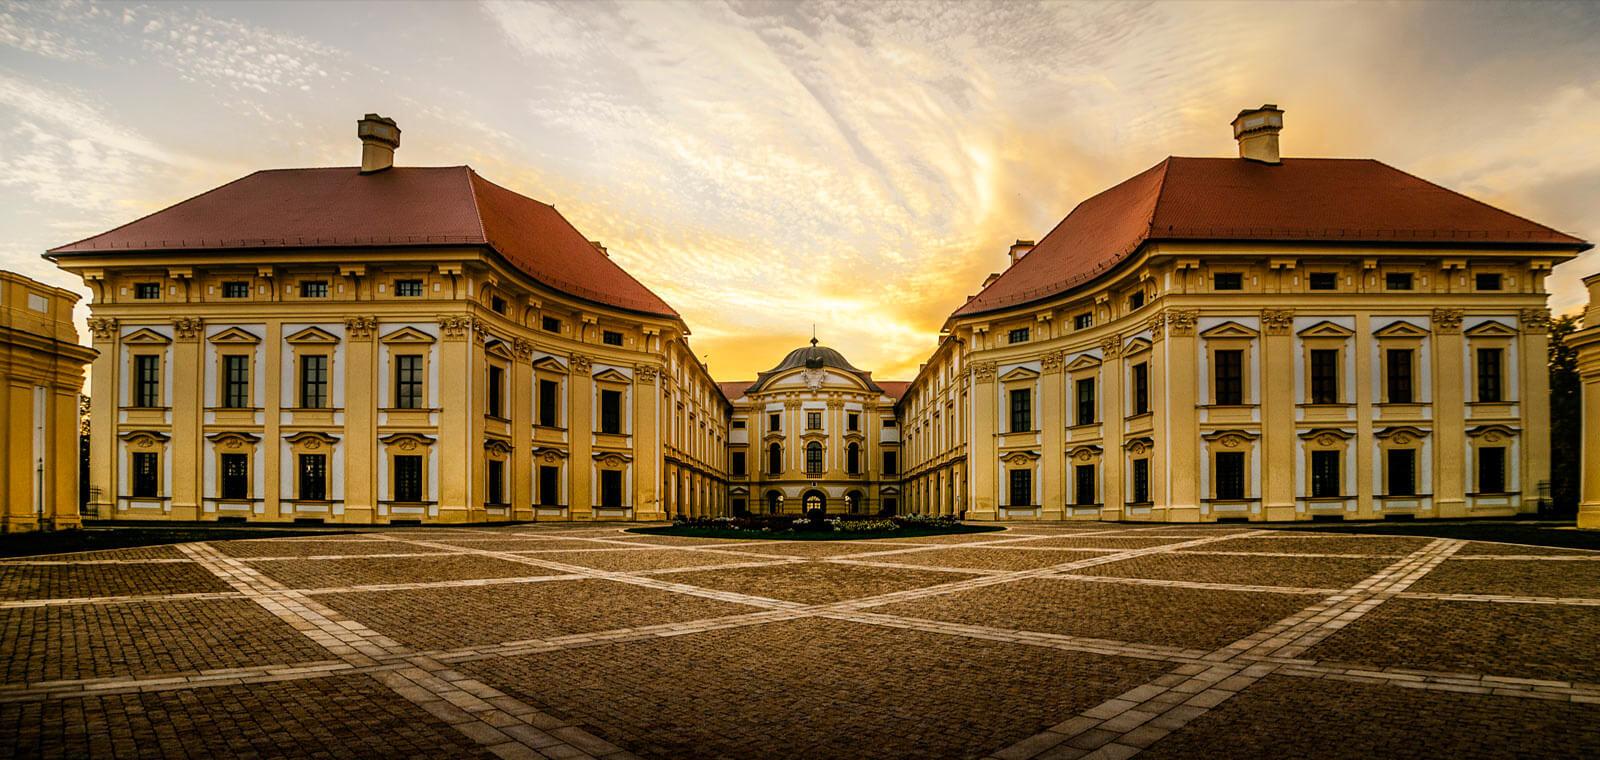 zamek-austerlitz-slavkov-uvodni-01.jpg